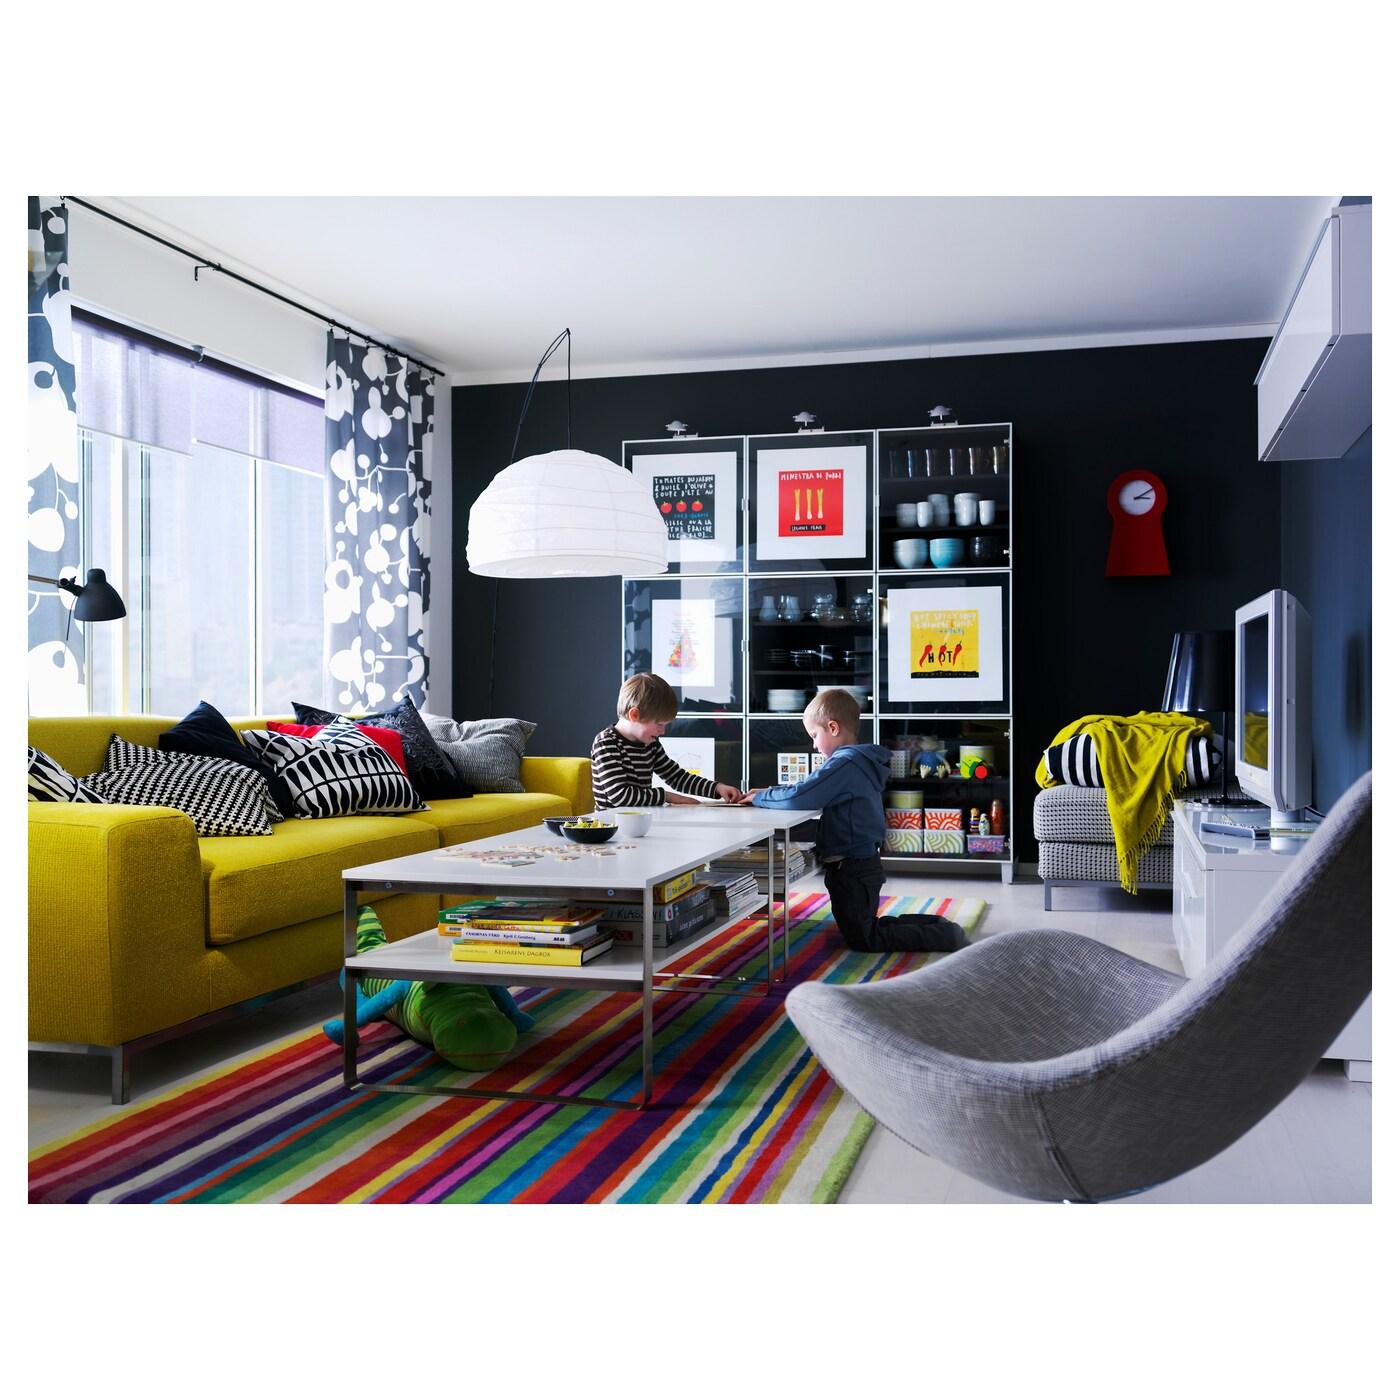 Full Size of Ikea Bogenlampe Regolit Standleuchte Küche Kosten Modulküche Miniküche Betten 160x200 Esstisch Kaufen Sofa Mit Schlaffunktion Bei Wohnzimmer Ikea Bogenlampe